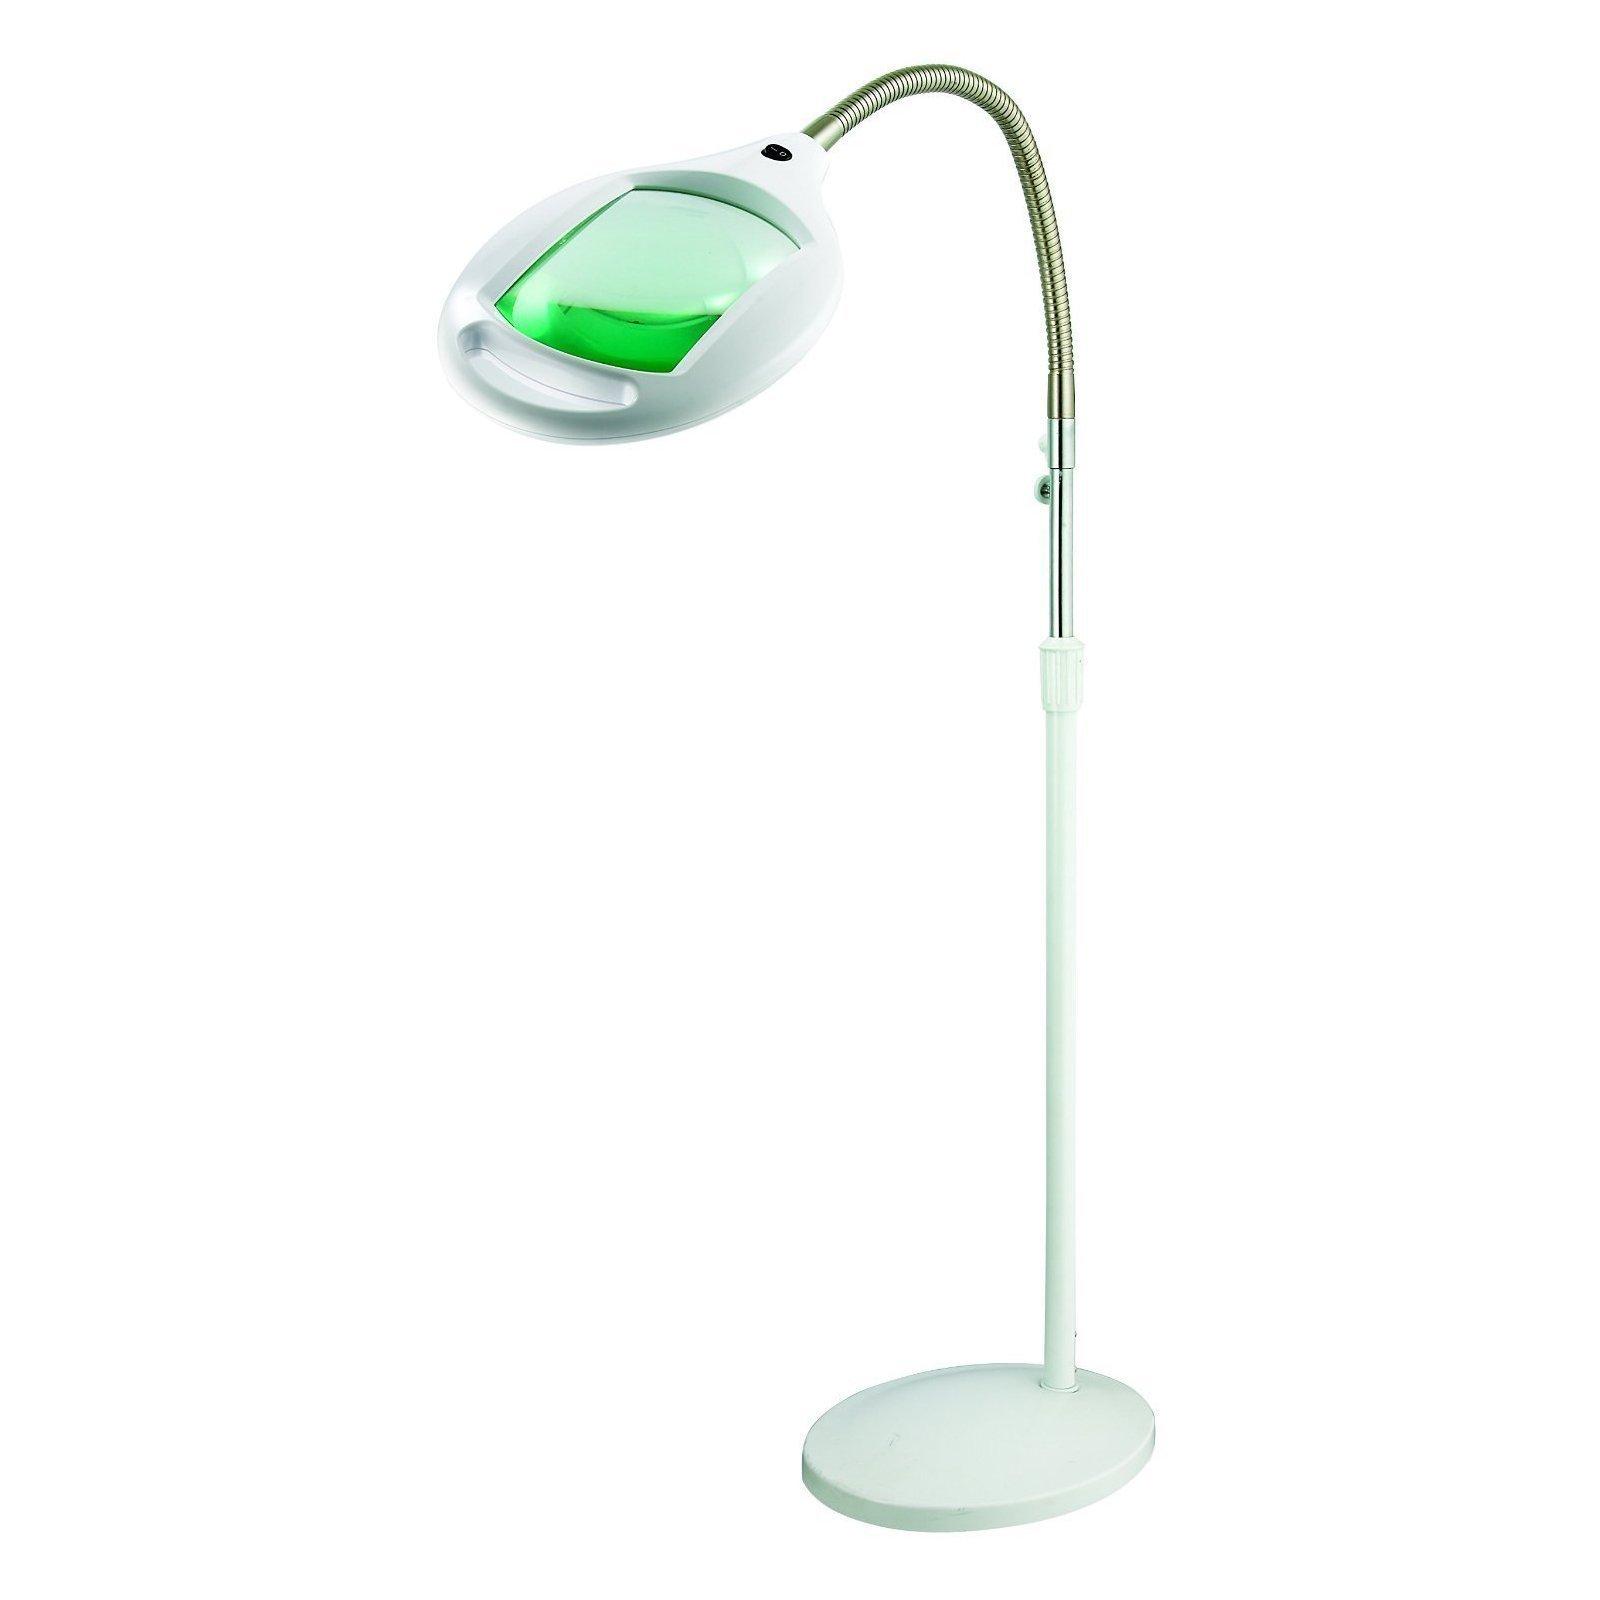 Brightech LightView Pro LED Magnifying Floor Lamp - Daylight Bright Full Spectrum Magnifier Lighted Glass Lens - Height Adjustable Gooseneck Standing Light - For Reading Task Craft Lighting - White (C